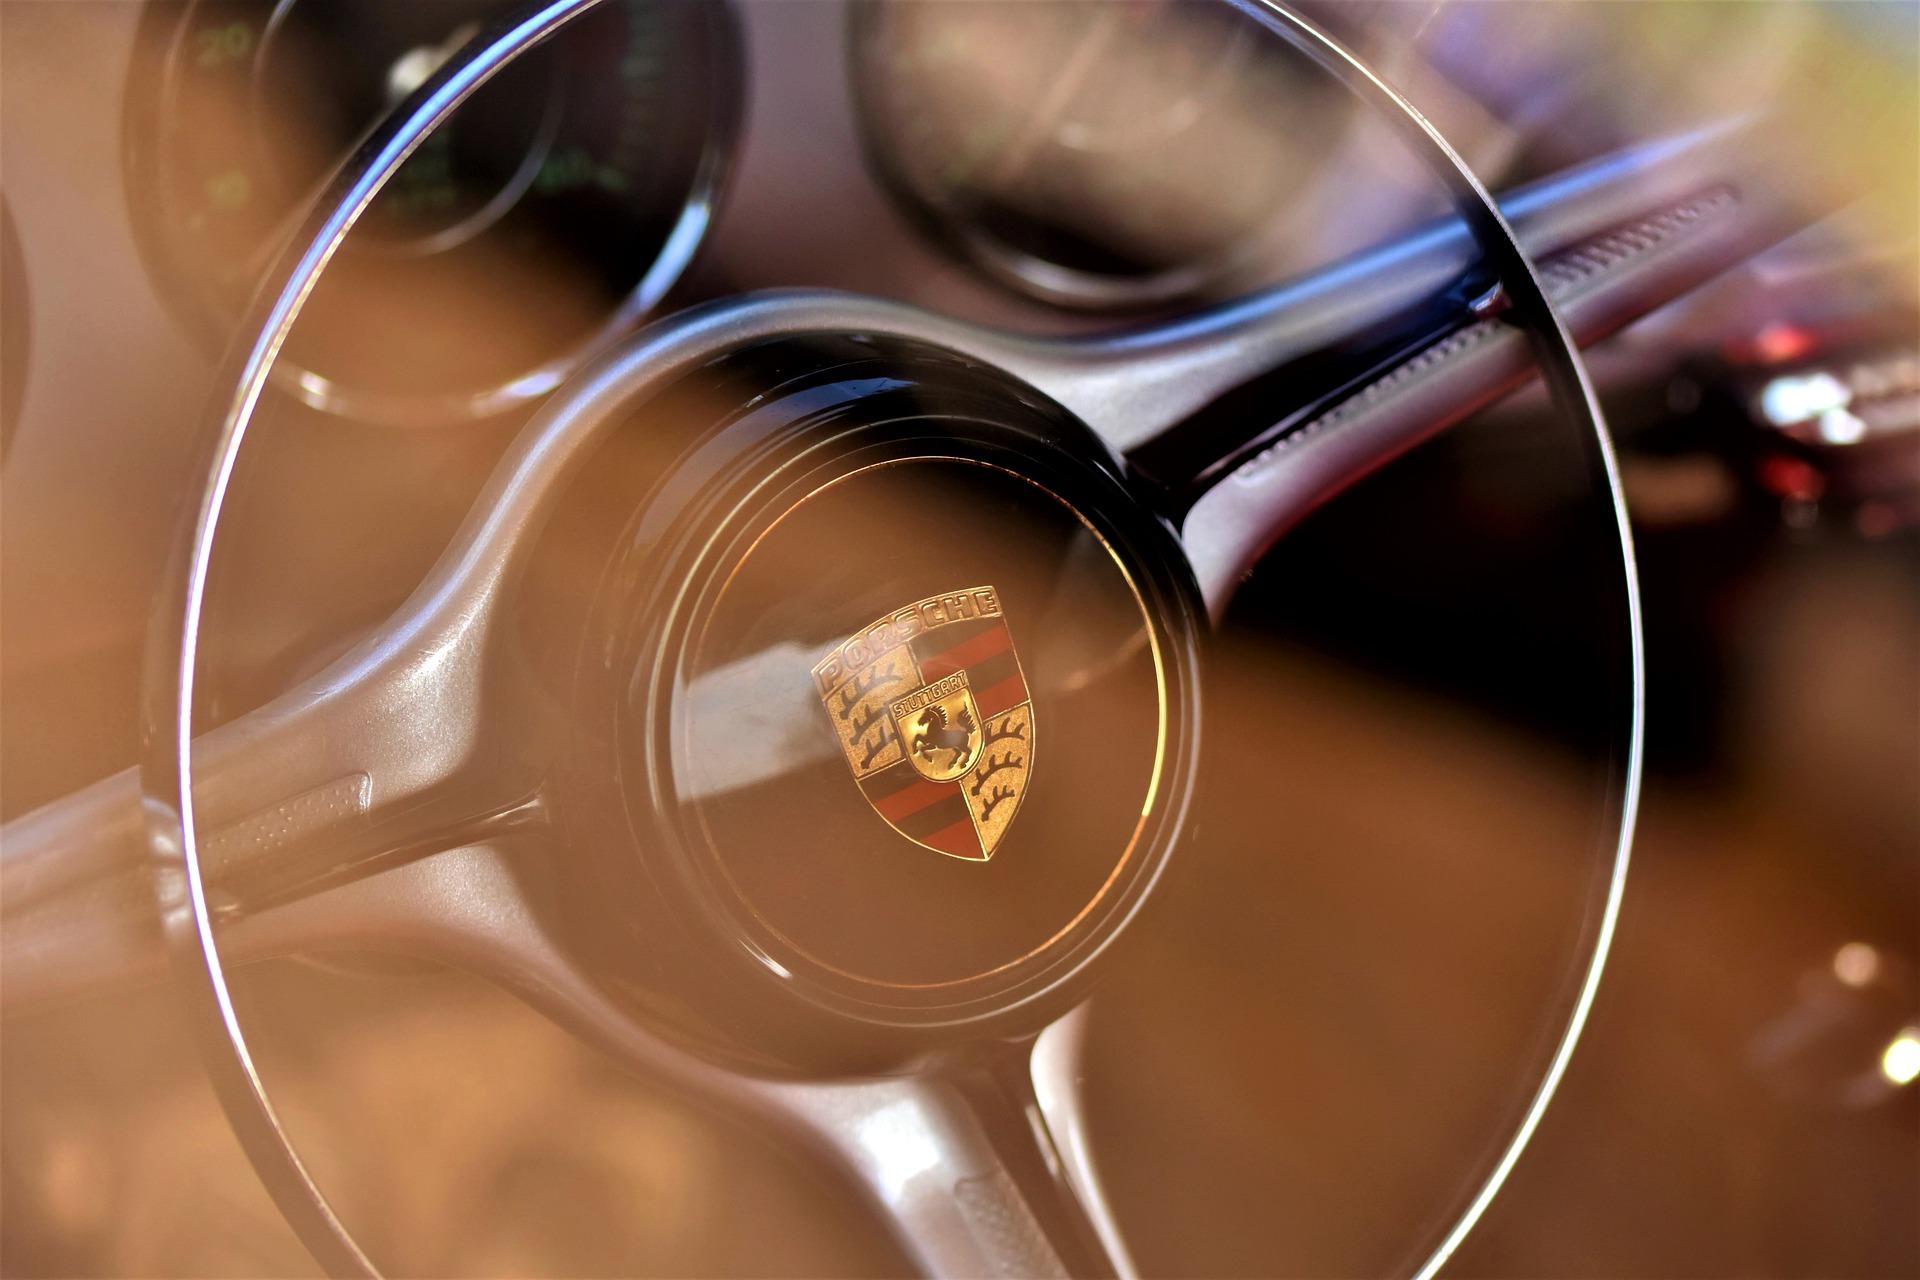 Porsche Auctioning Design Sketch As A Digital & Physical NFT